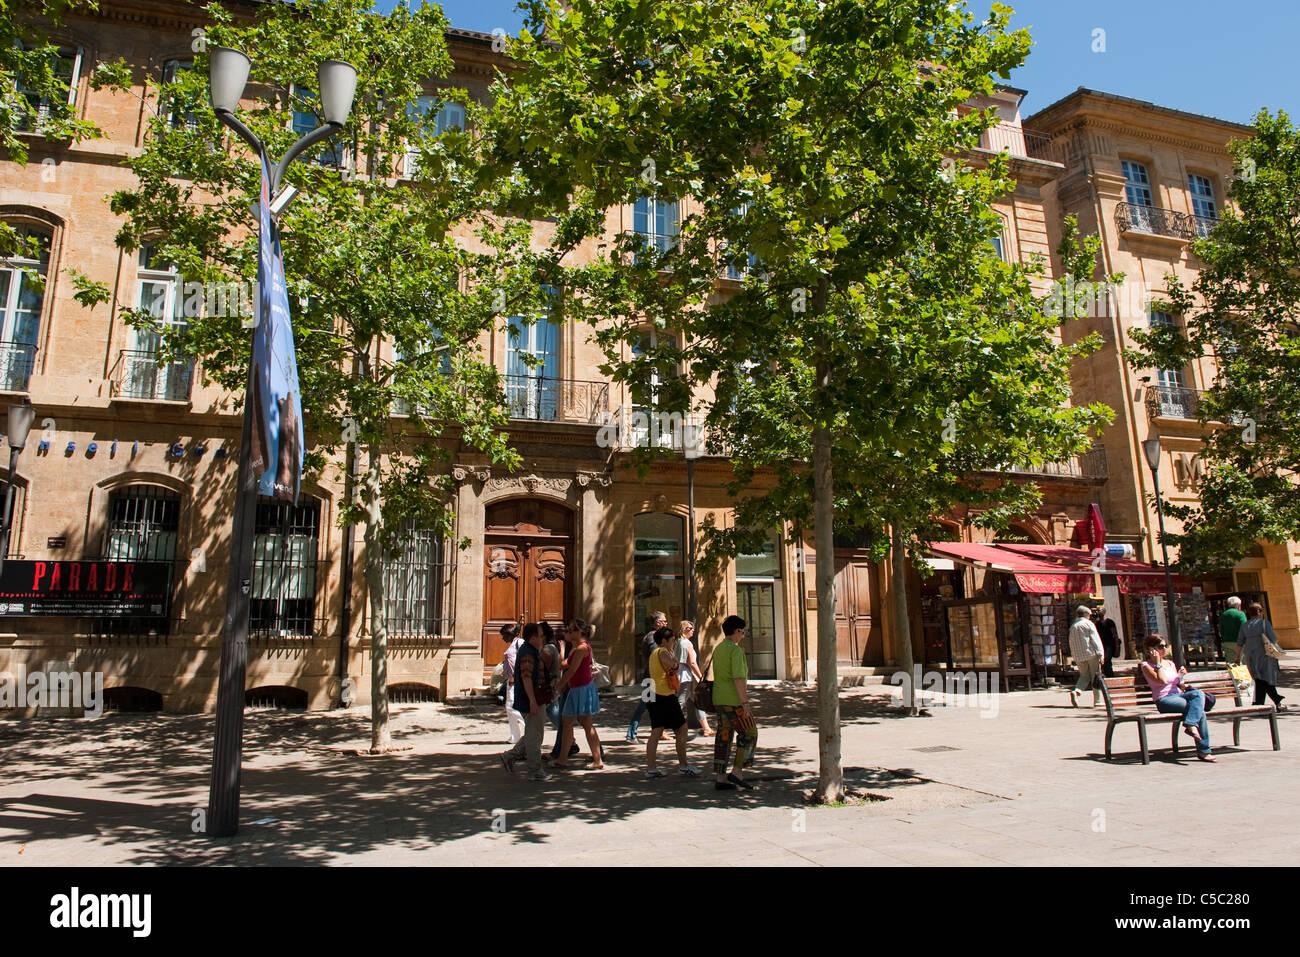 Cours de Mirabeau in Aix-en-Provence - Stock Image